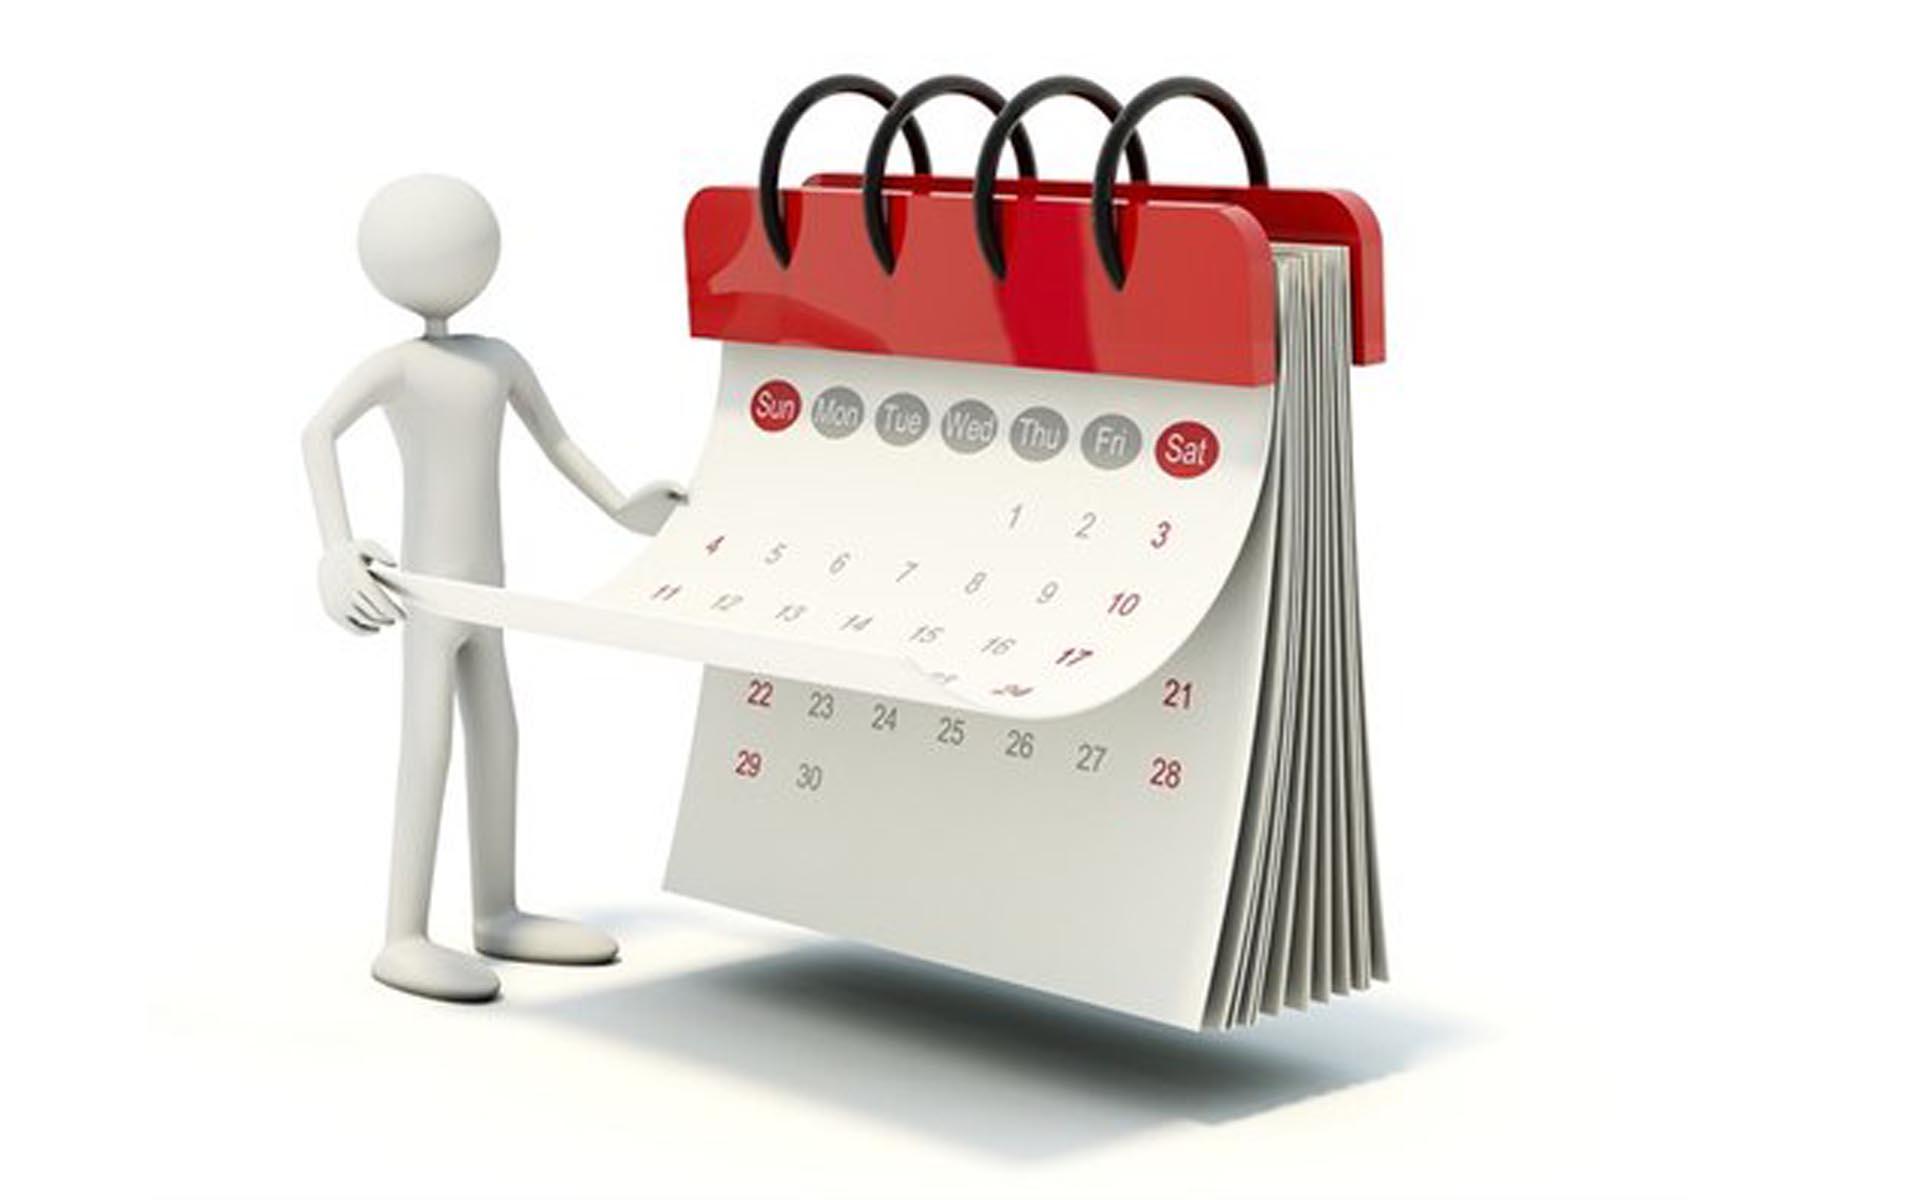 регулярность внесения платежей тоже влияет на КИ